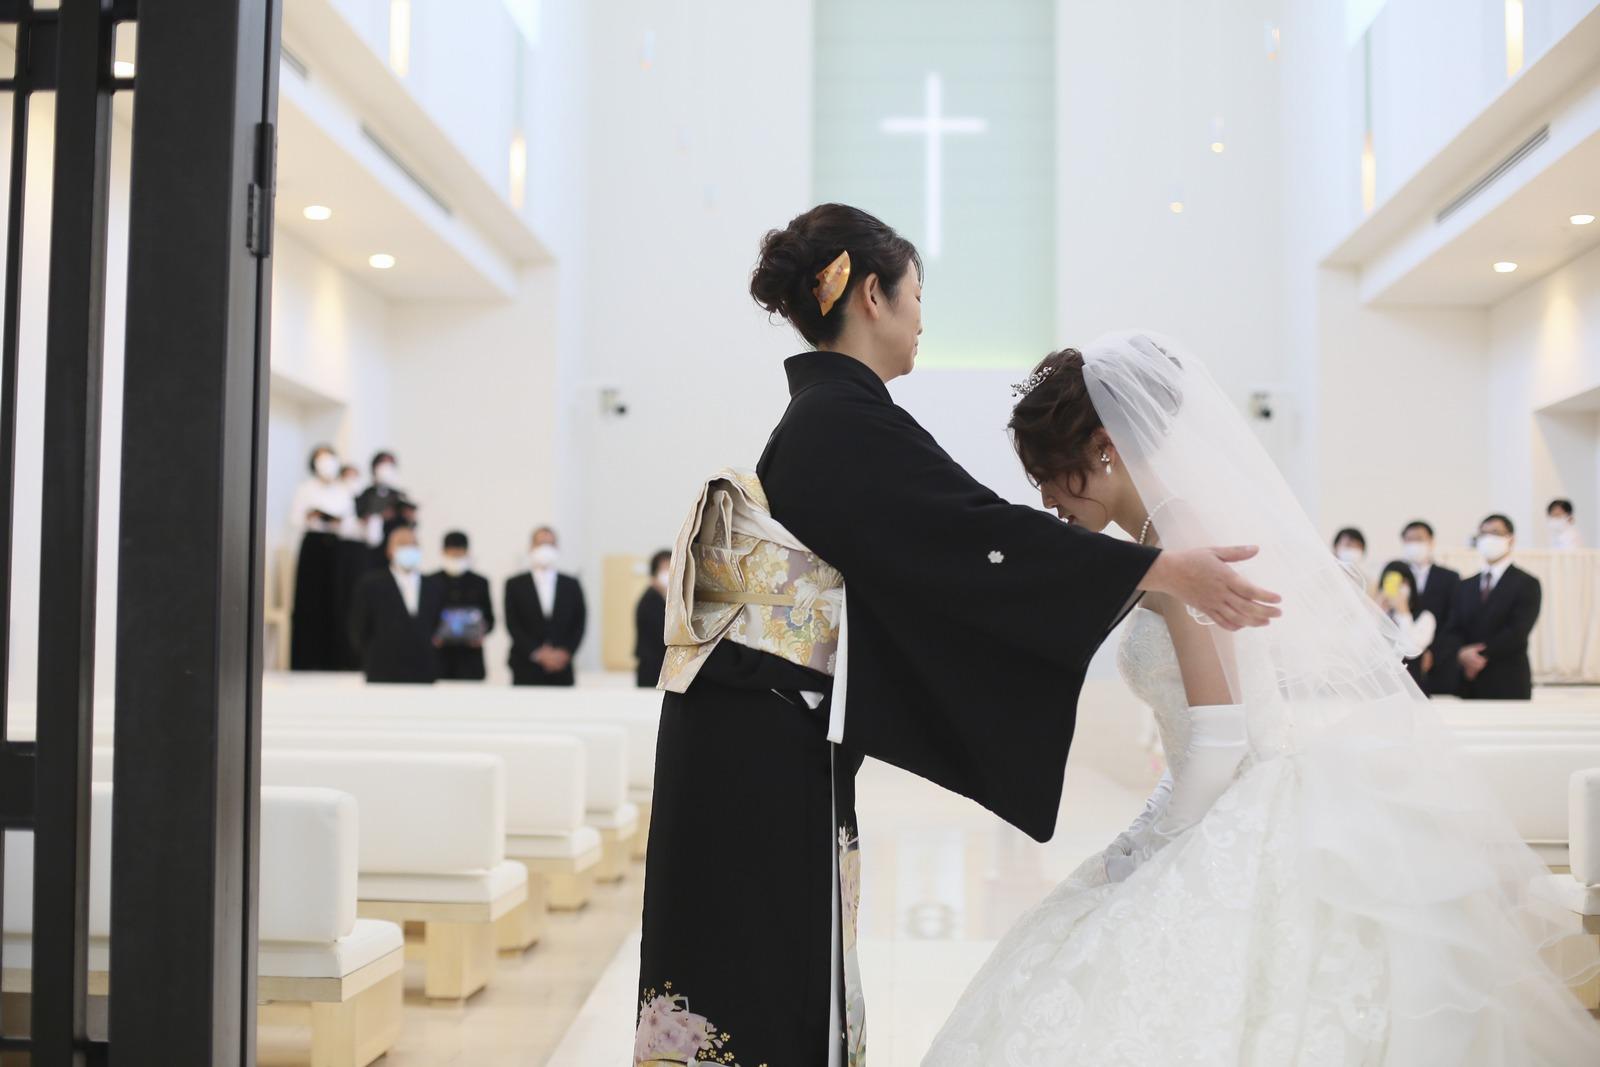 徳島県の結婚式場ブランアンジュで新婦母によるベールダウン